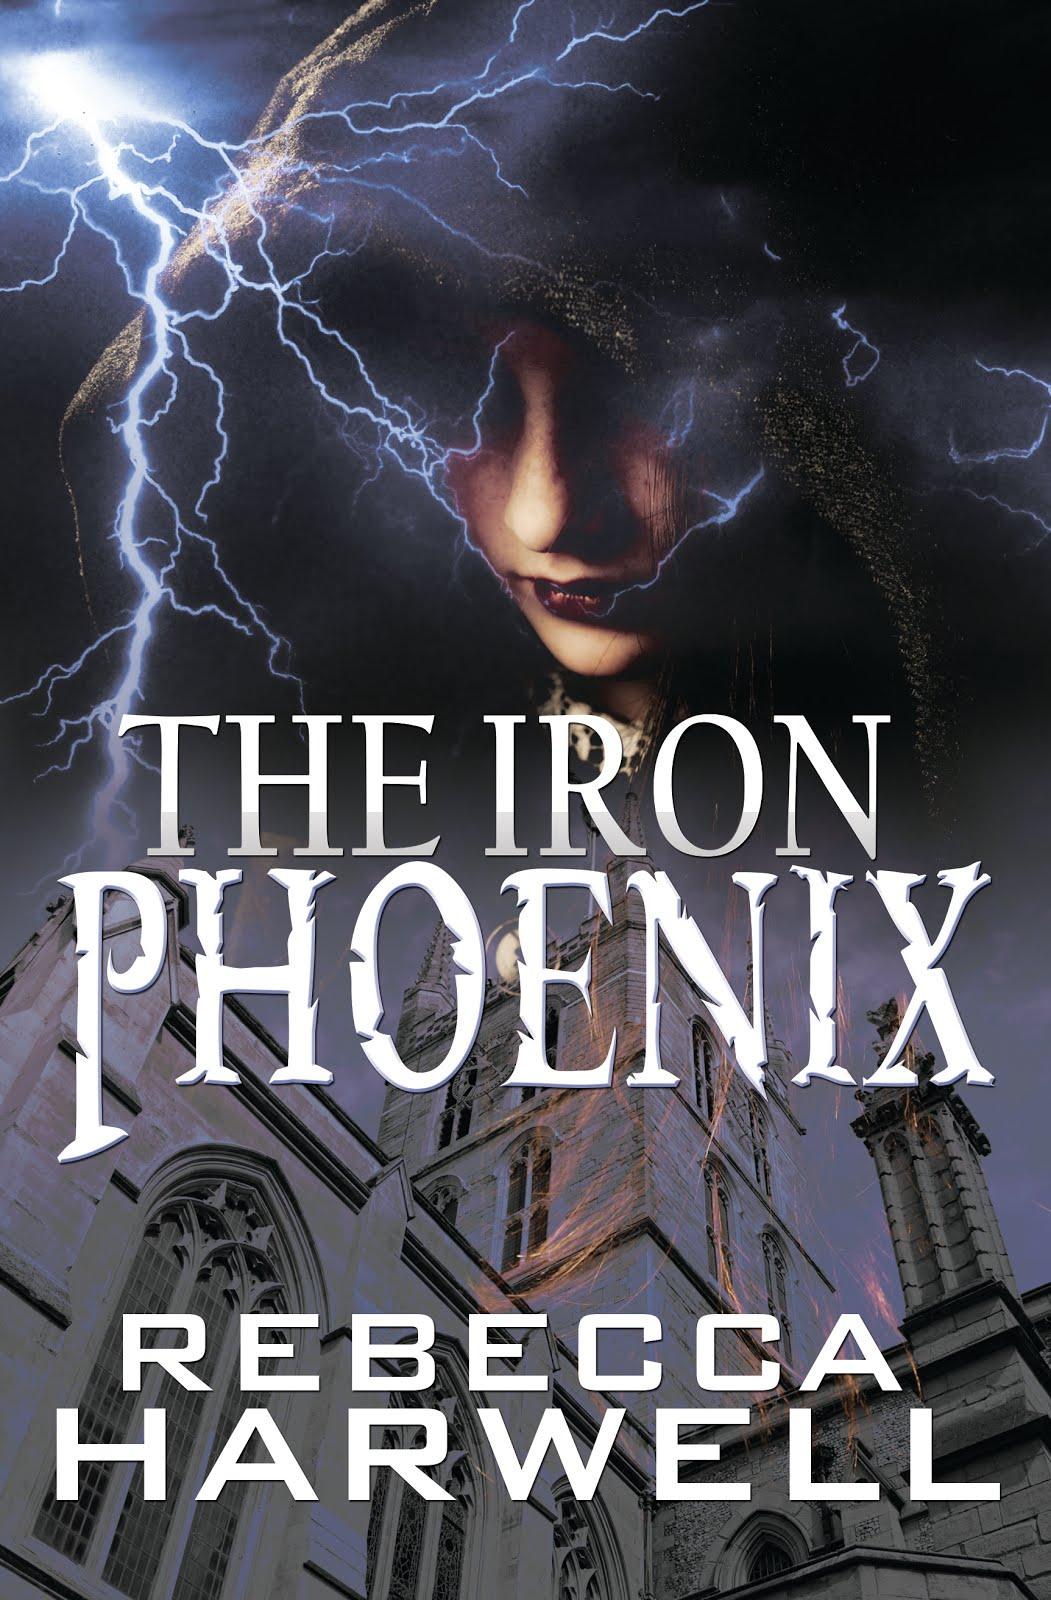 THE IRON PHOENIX